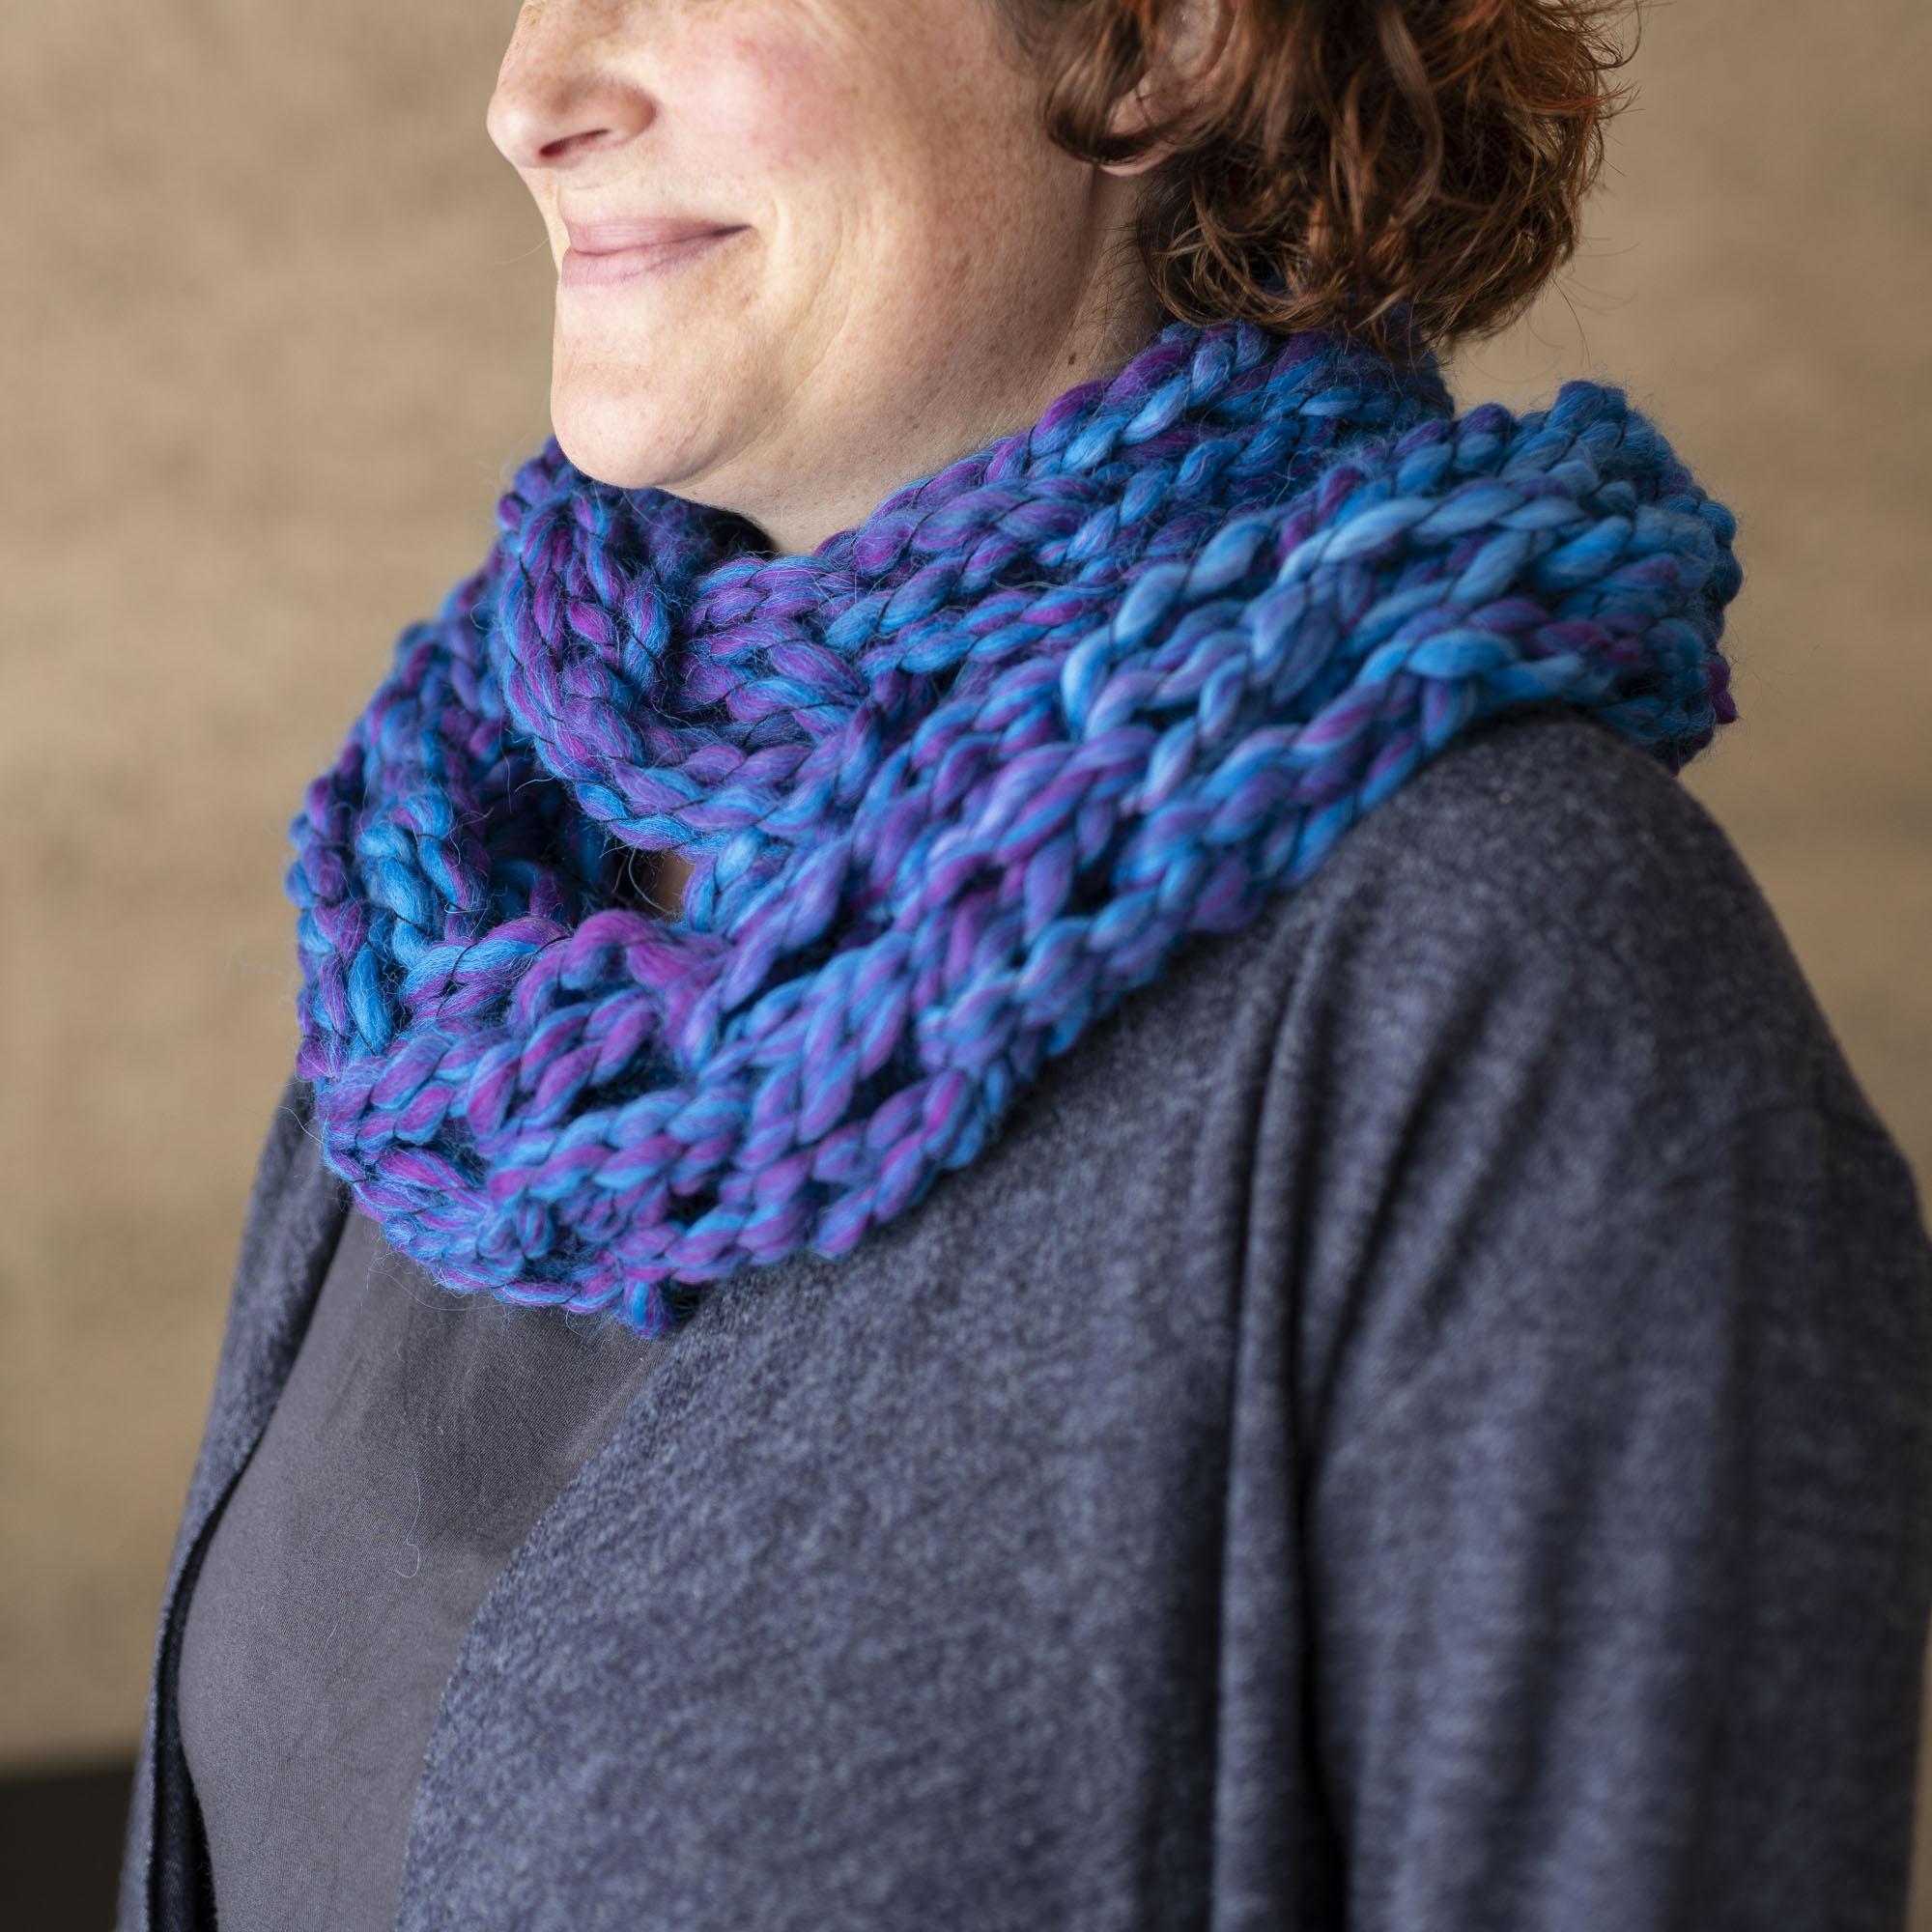 yarn-0021.jpg